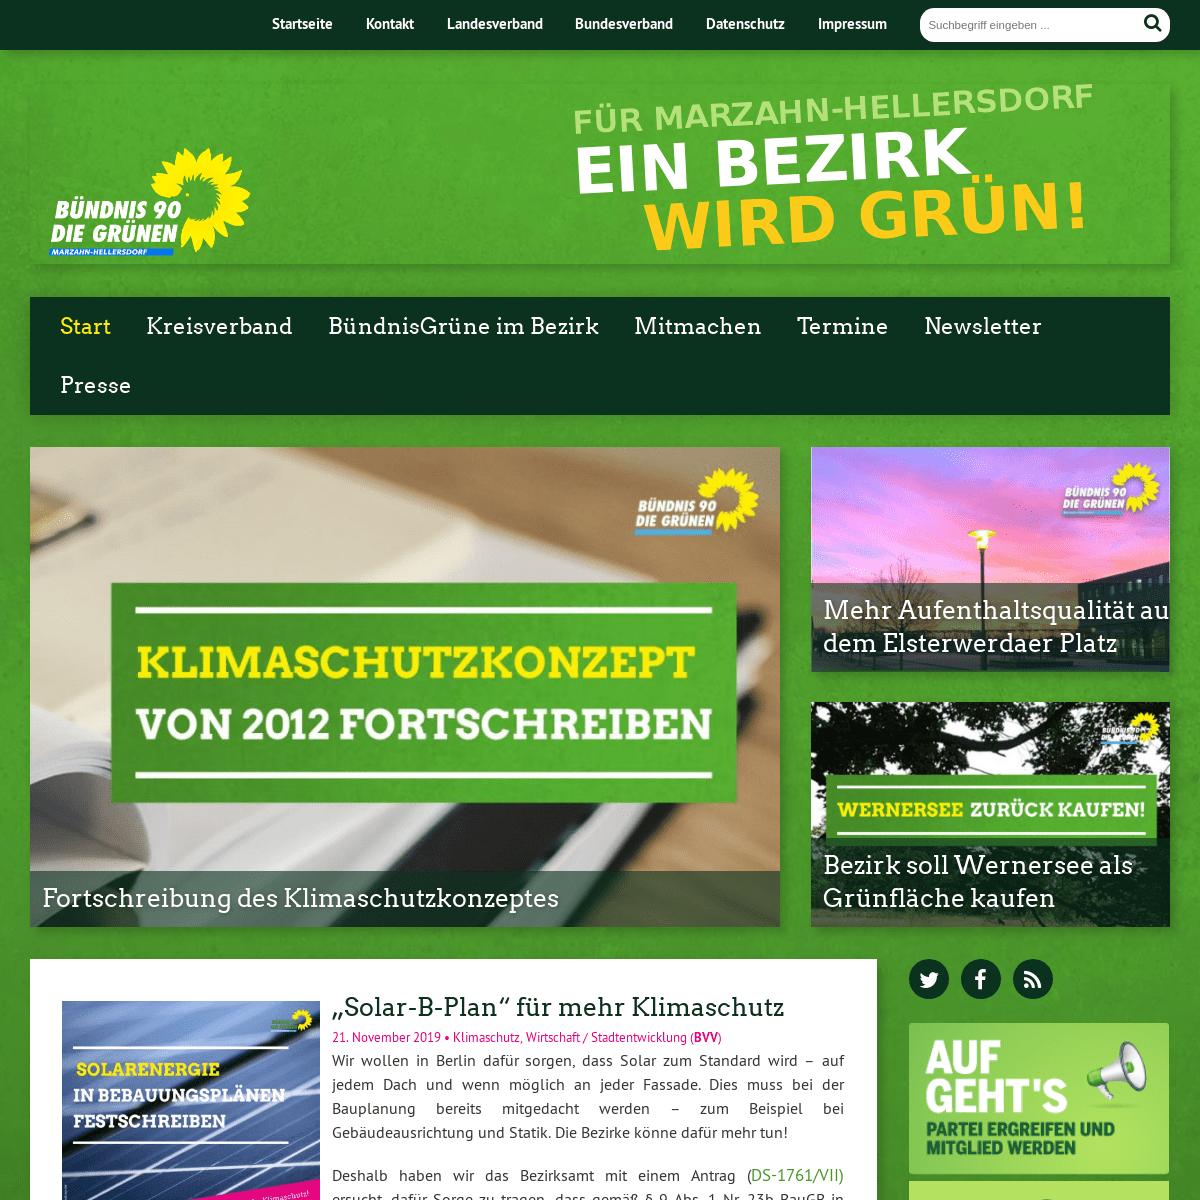 Startseite - Bündnis 90 - Die GrünenBündnis 90 - Die Grünen